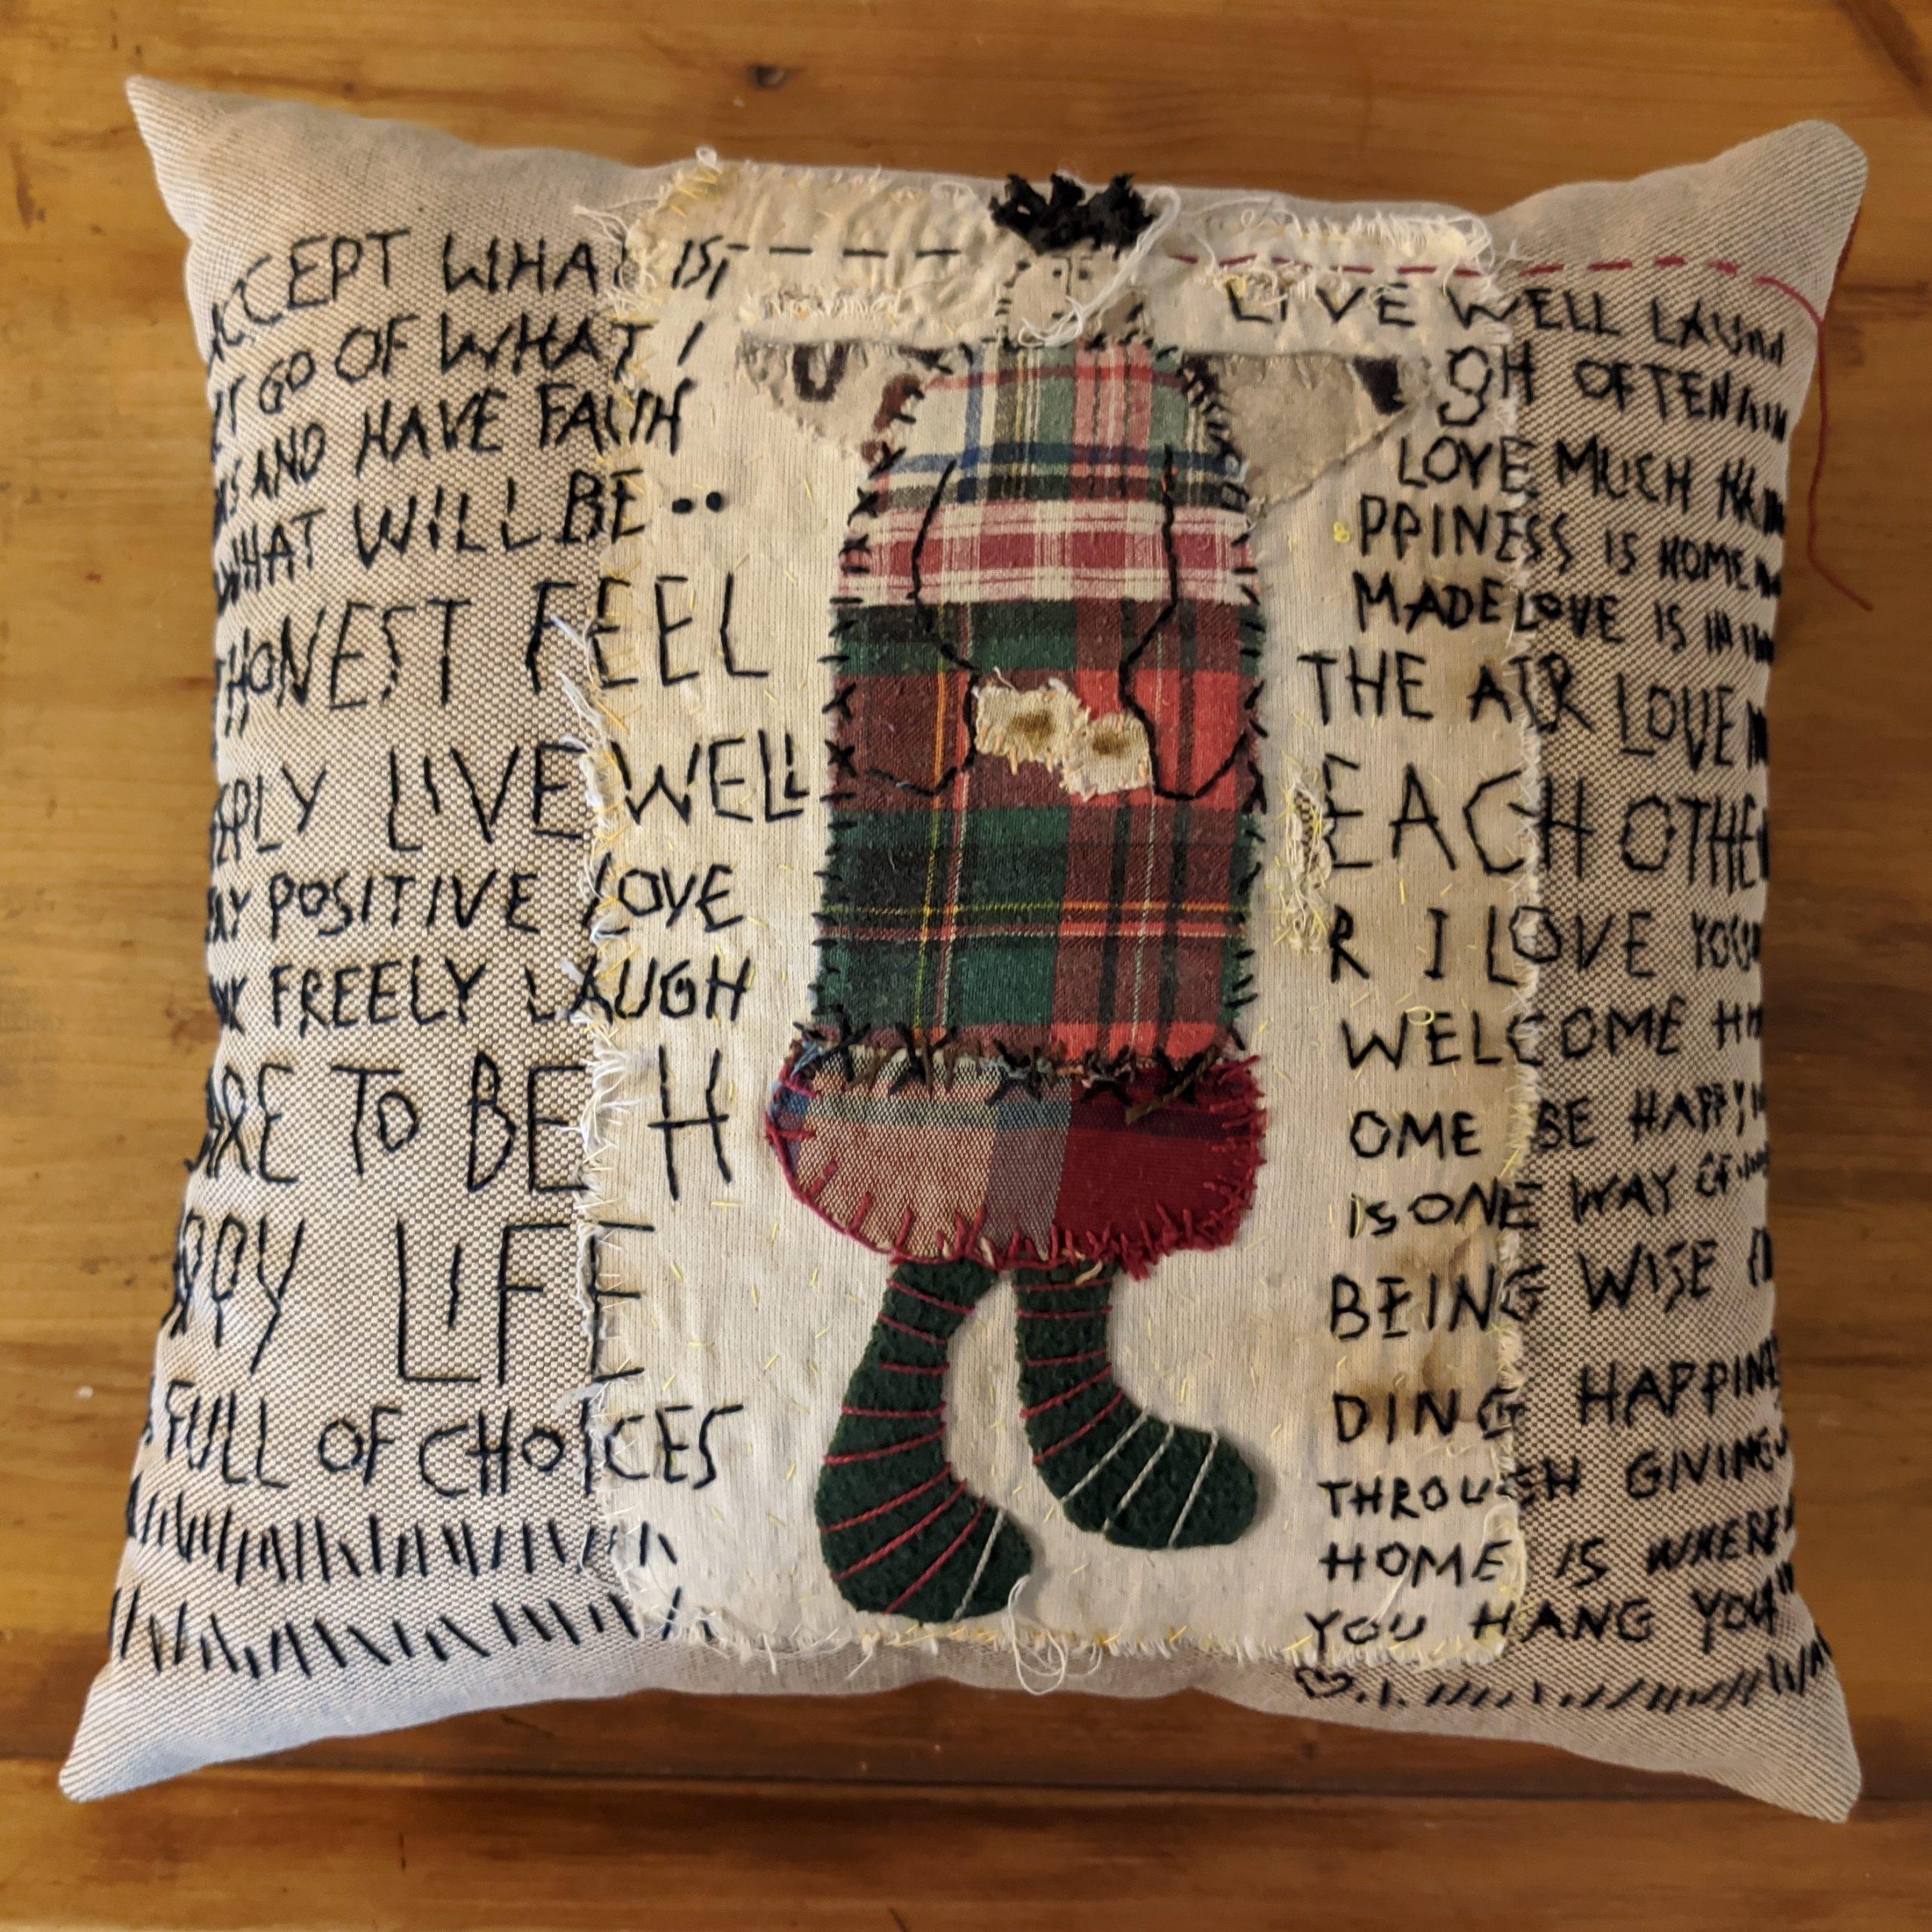 Μαξιλάρι special / Embroidered recycled vintage pillow